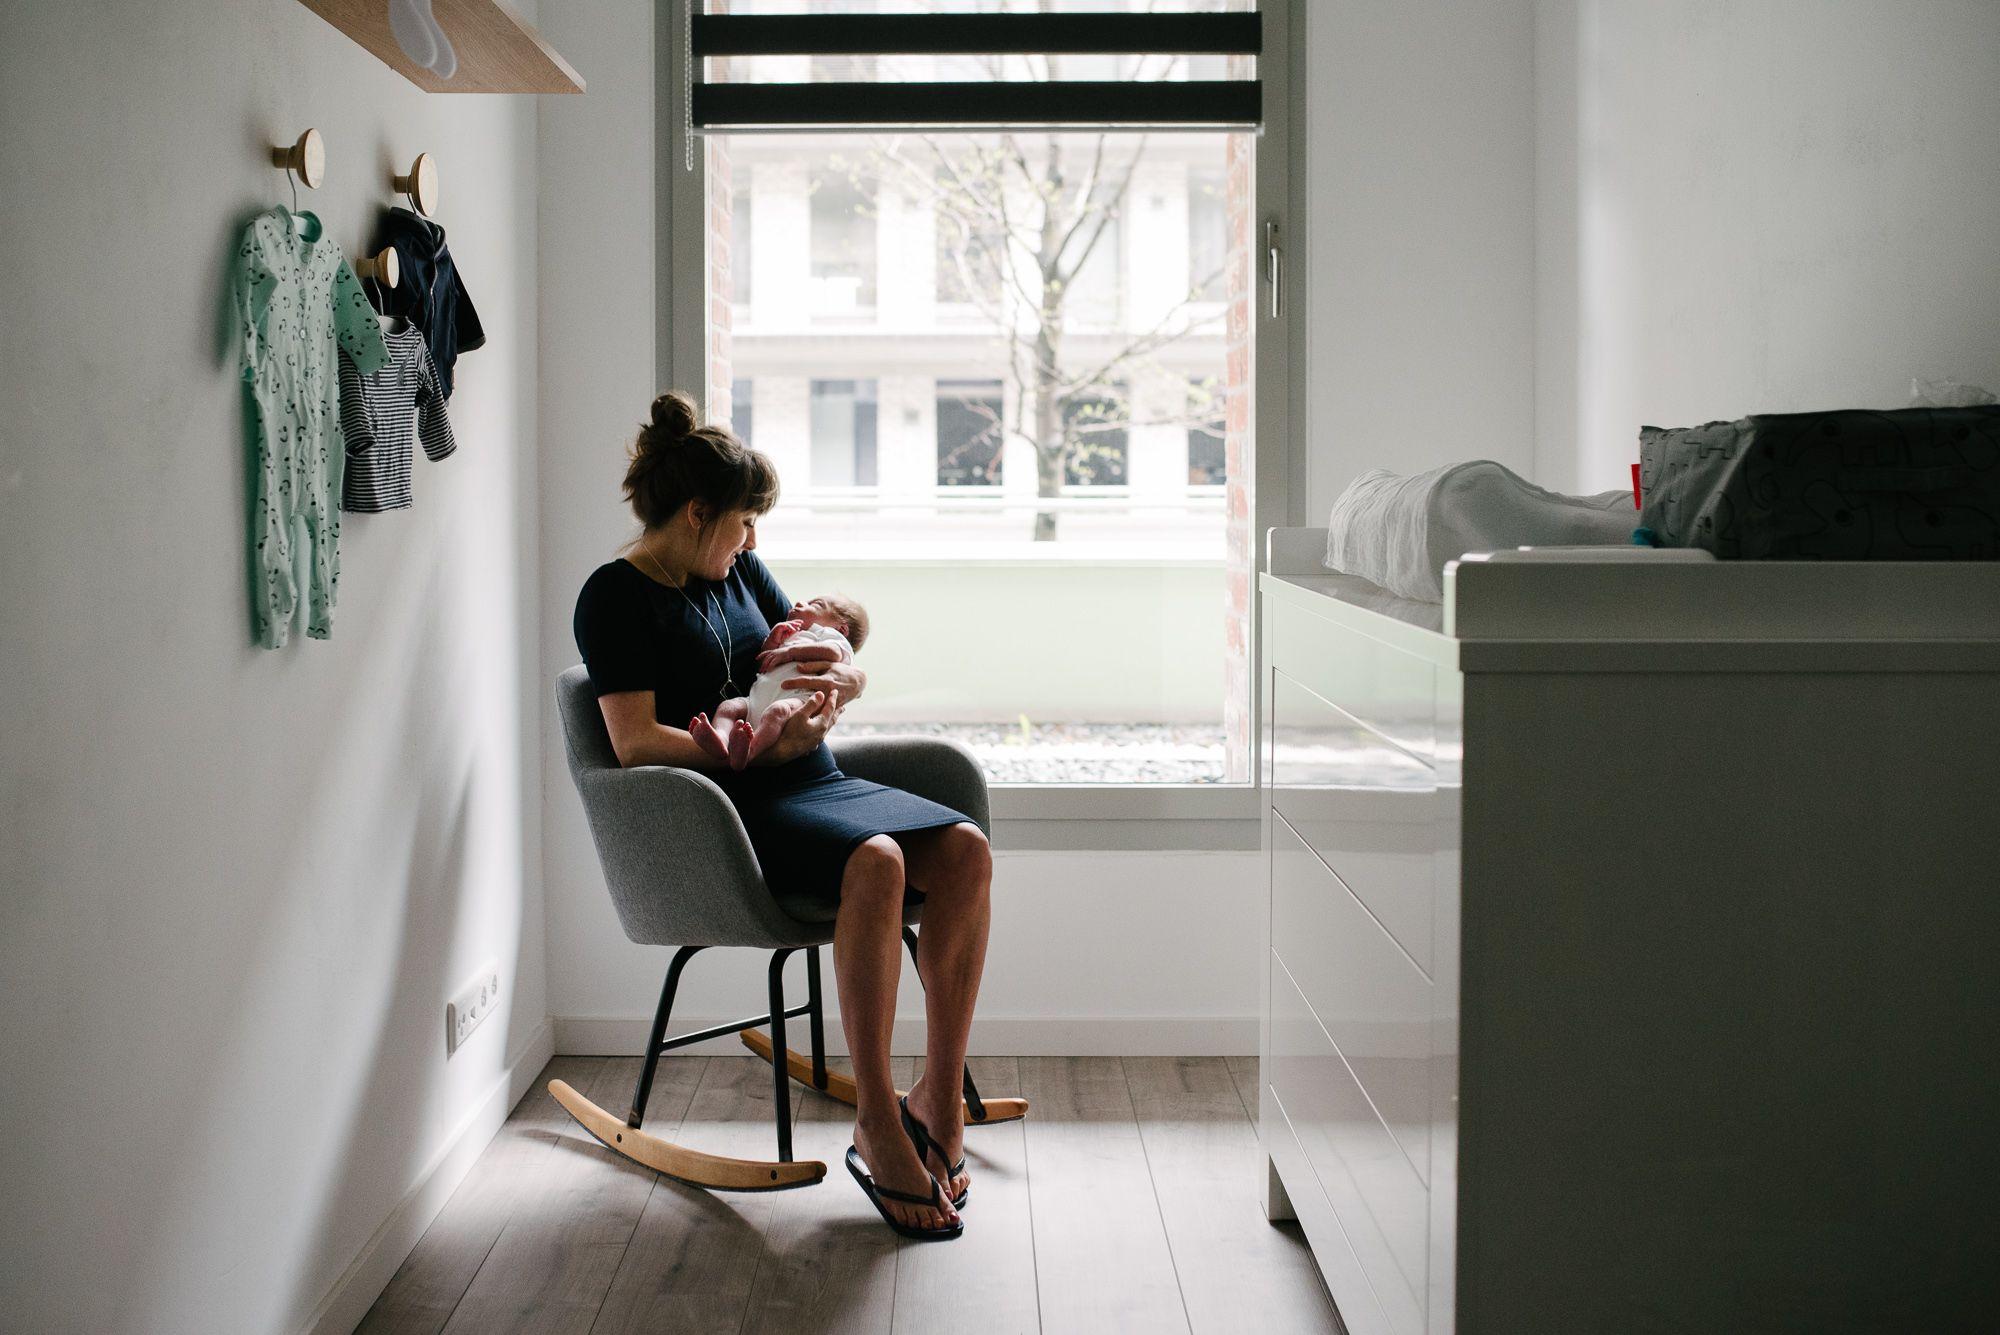 fotograaf newborn baby breda ongeposeerd